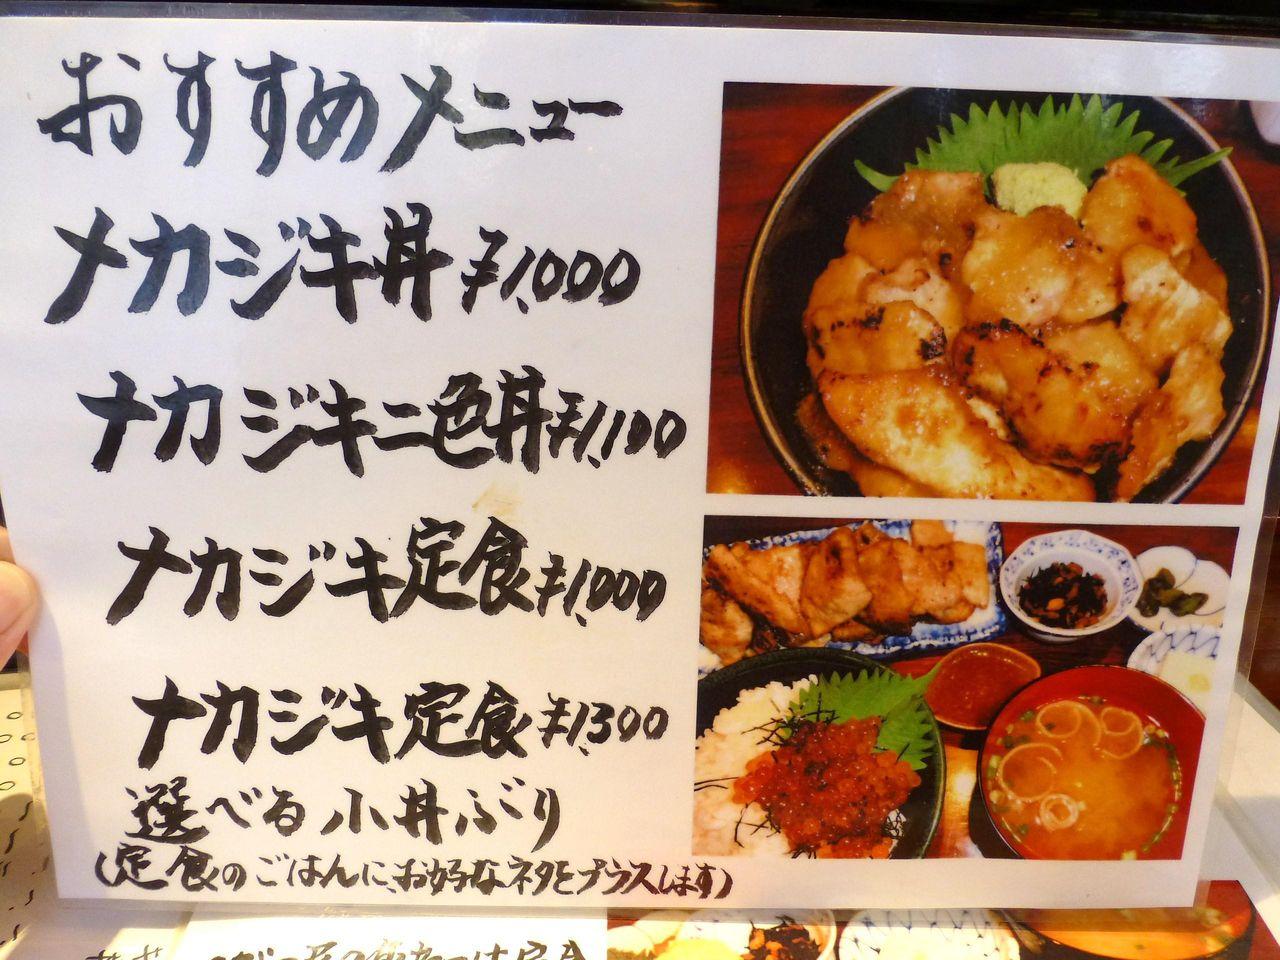 魚菜はざまのメニュー(26年8月現在)